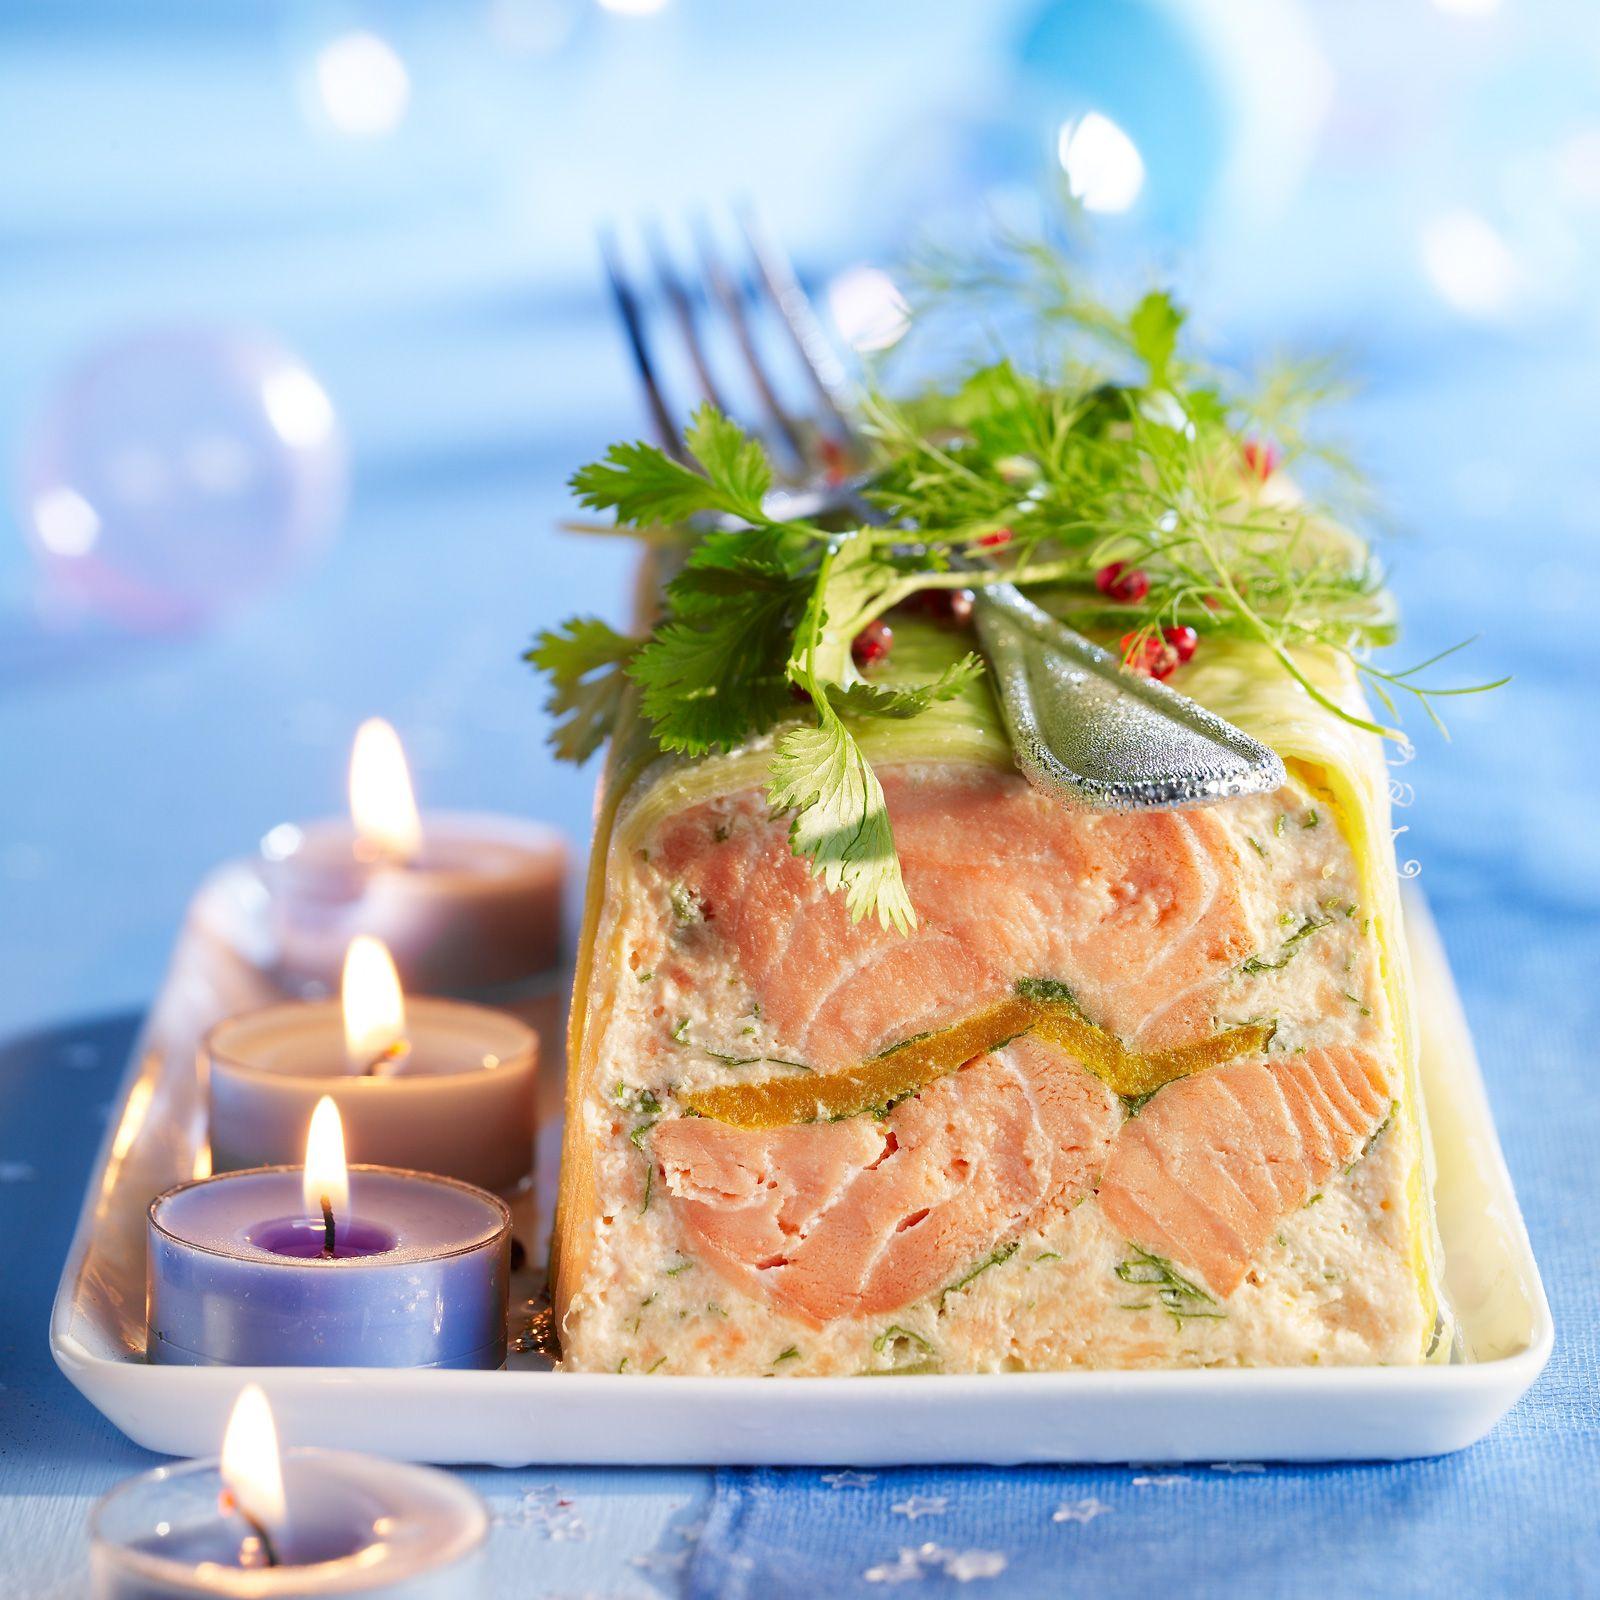 Terrine de saumon à la mangue et au gingembre - Recettes #terrinedesaumon